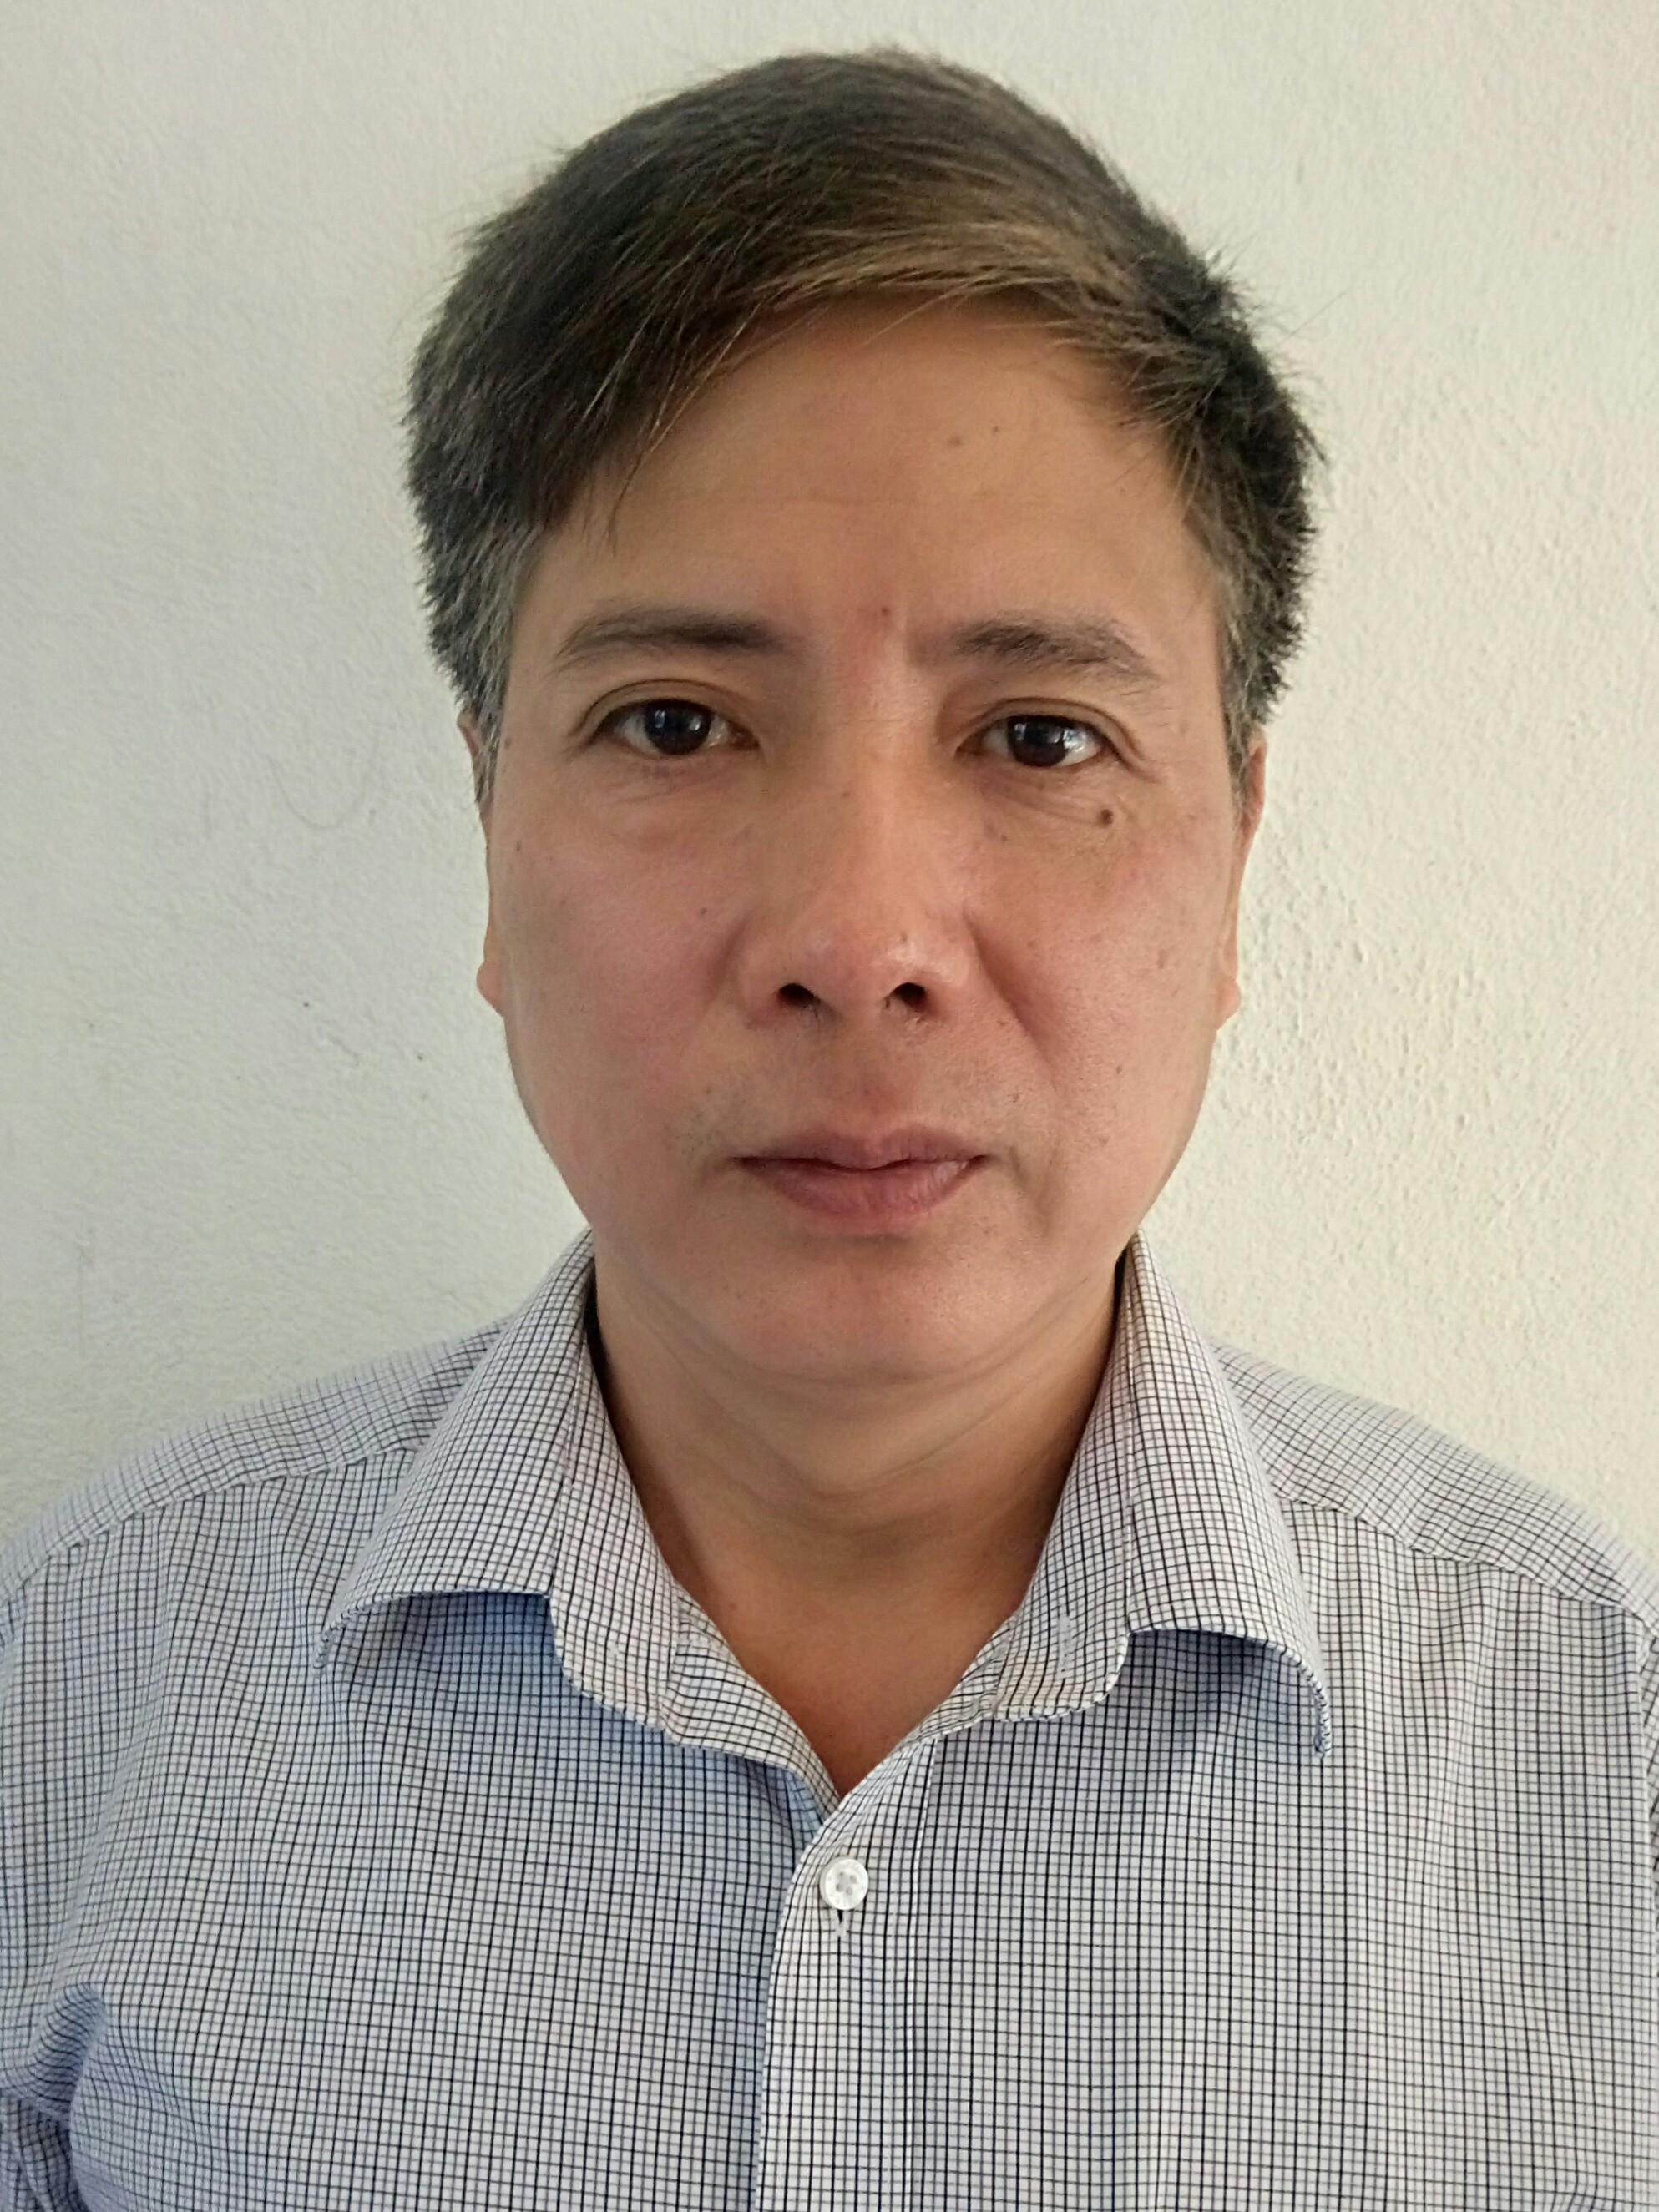 Phạm Văn Minh